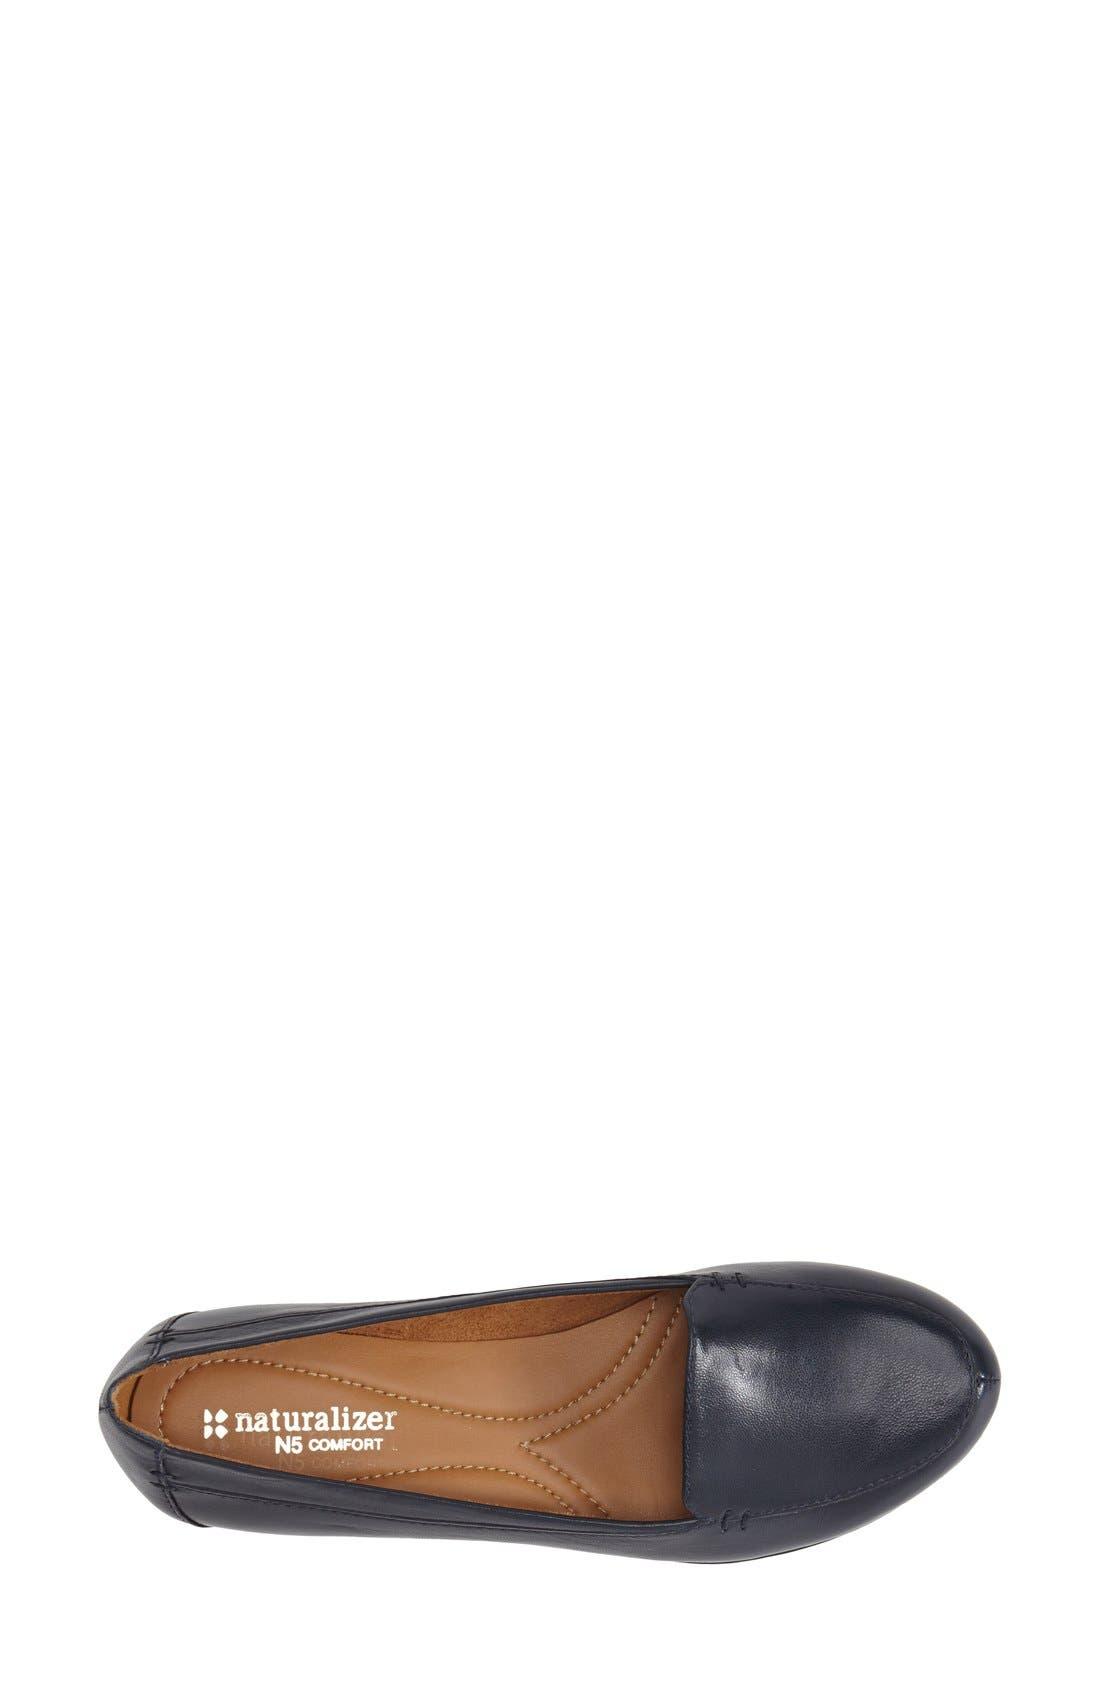 53d27fb95a9 Women s Naturalizer Shoes